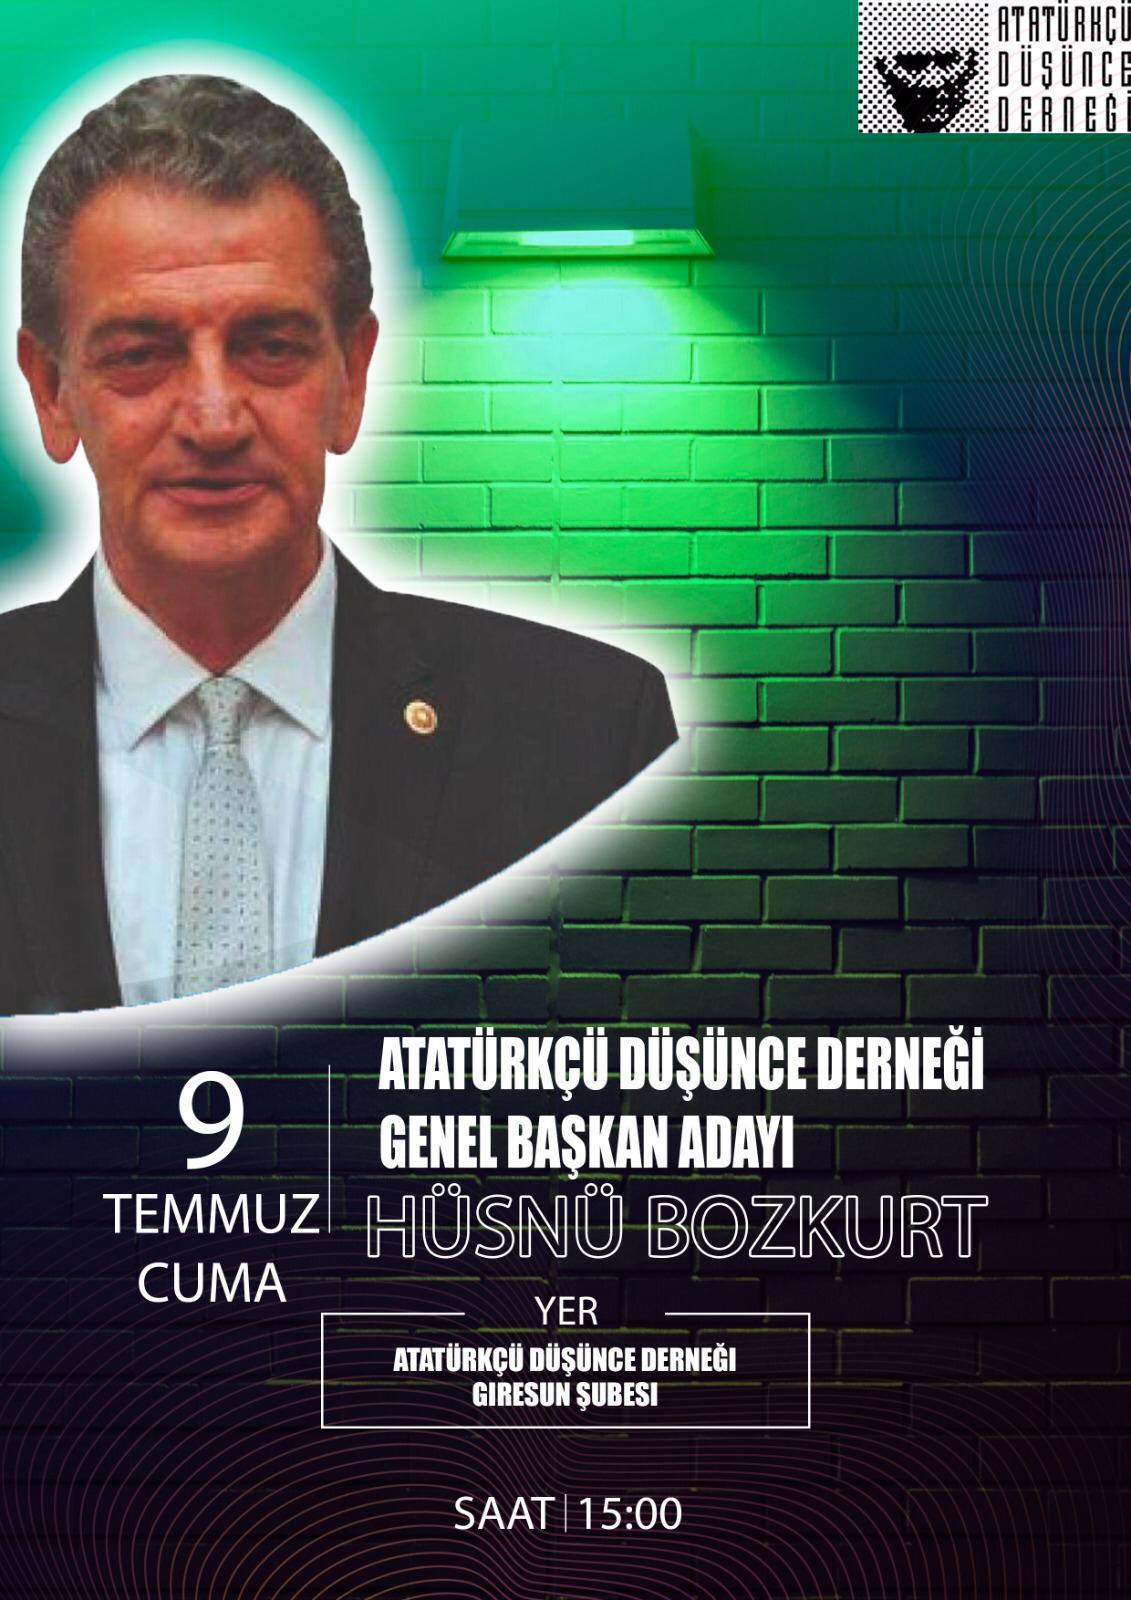 ADD Genel Başkan Adayı Hüsnü Bozkurt Giresun'da